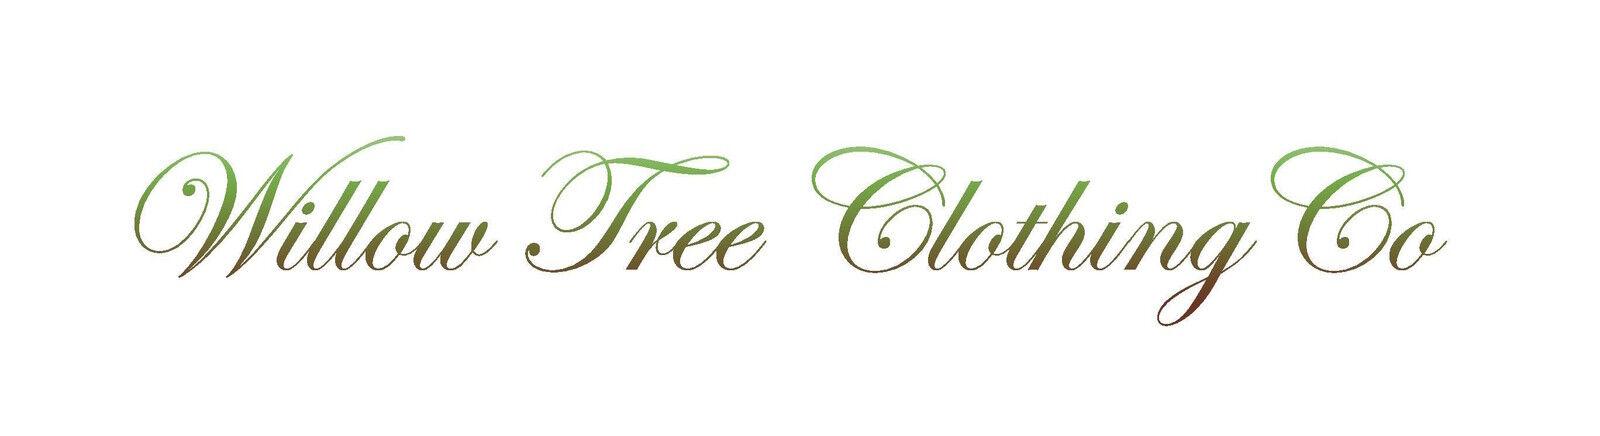 Willowtreeclothingco